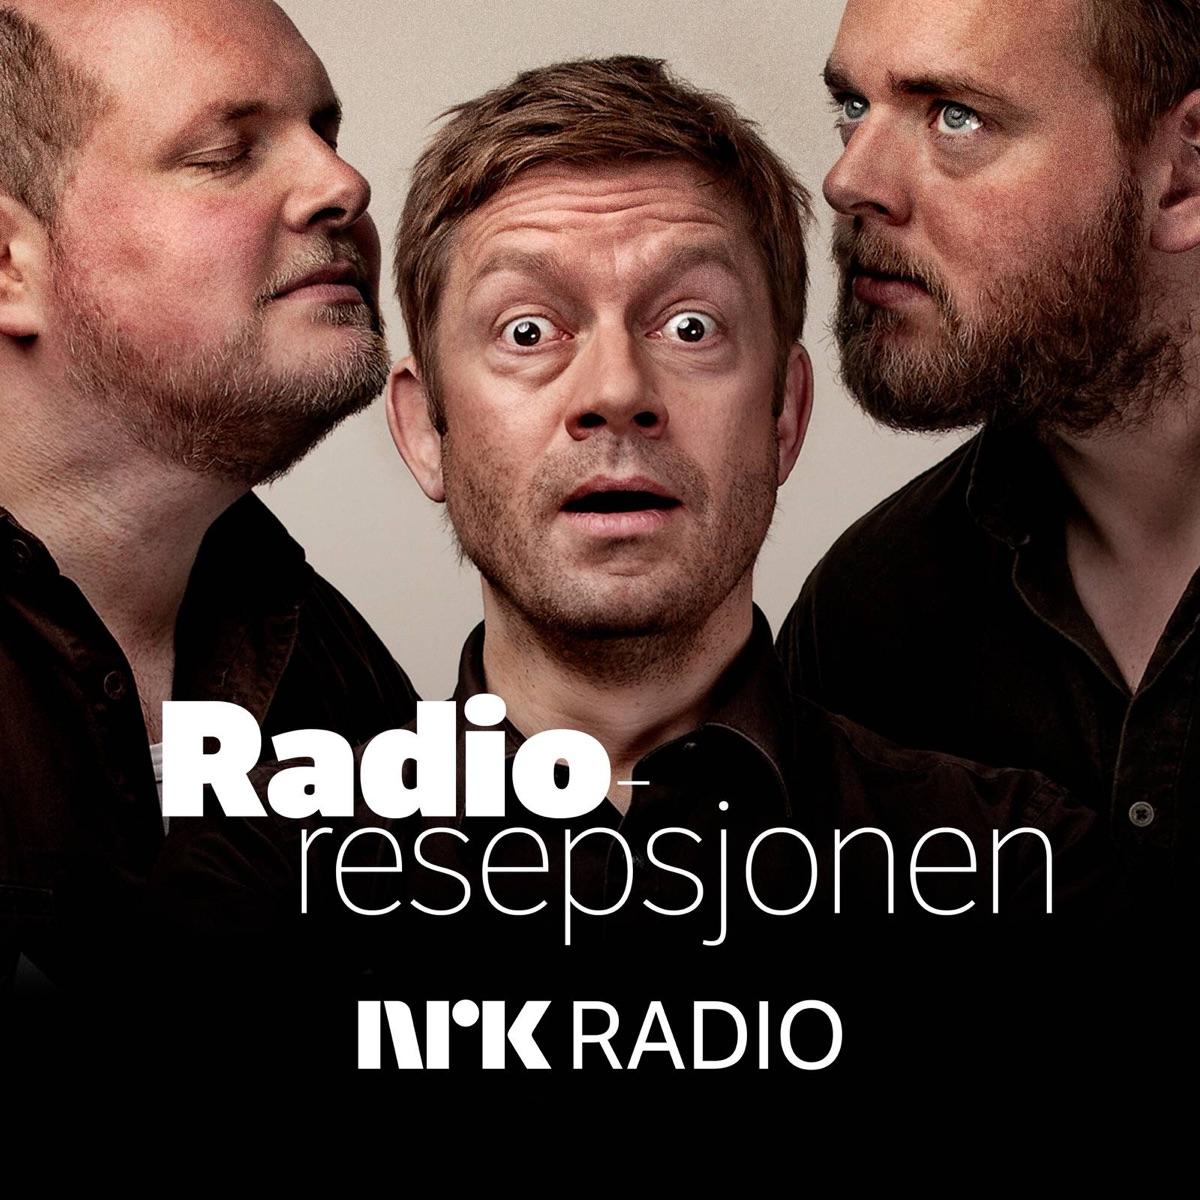 24.11.2020 Radioresepsjonen